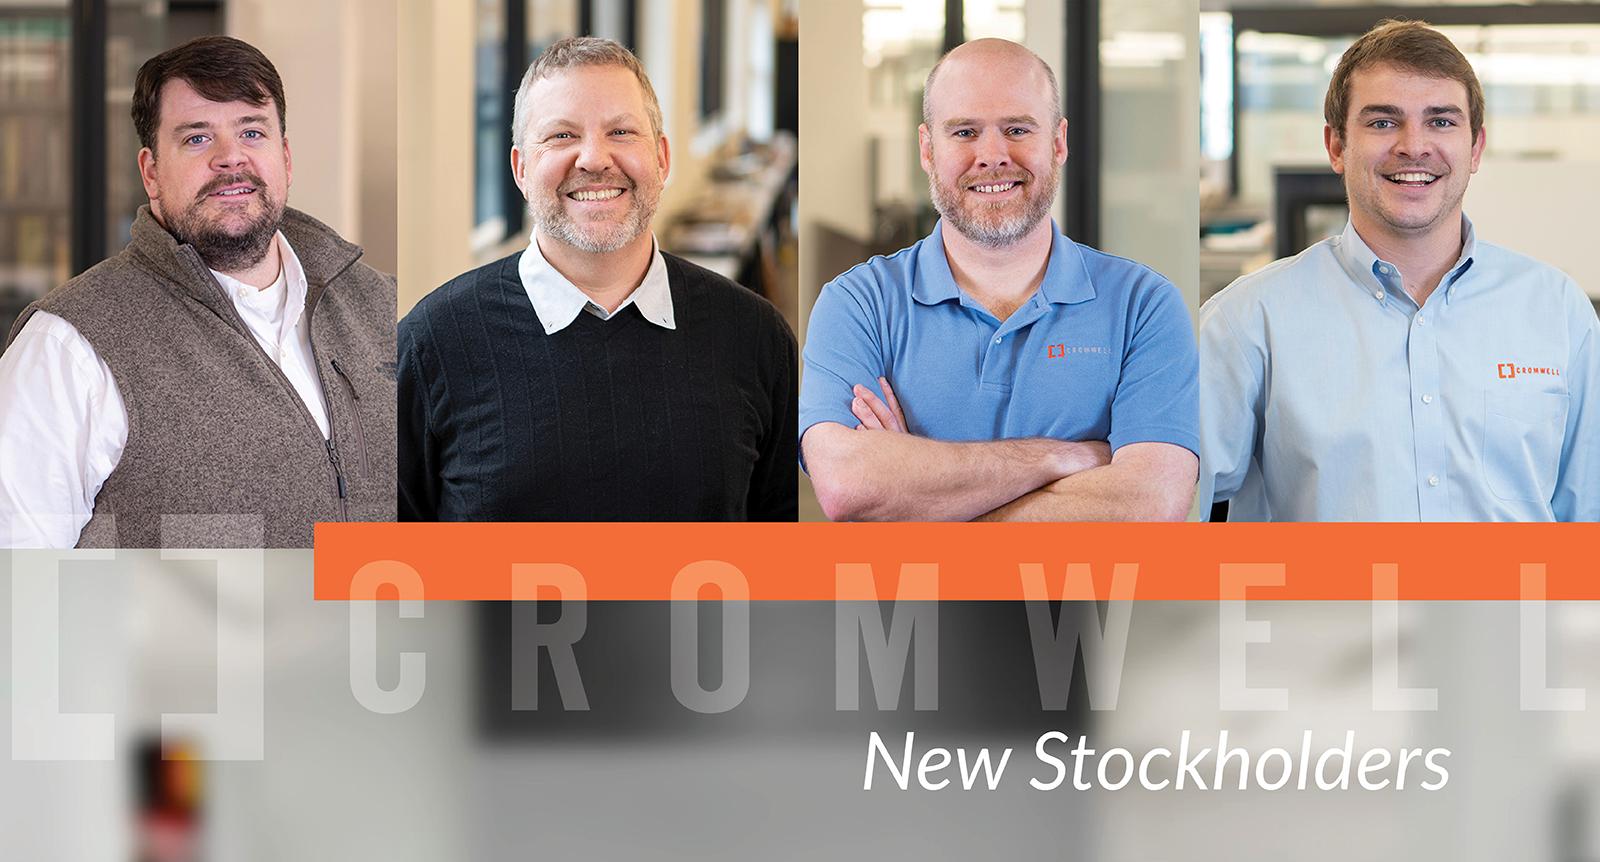 new stockholders